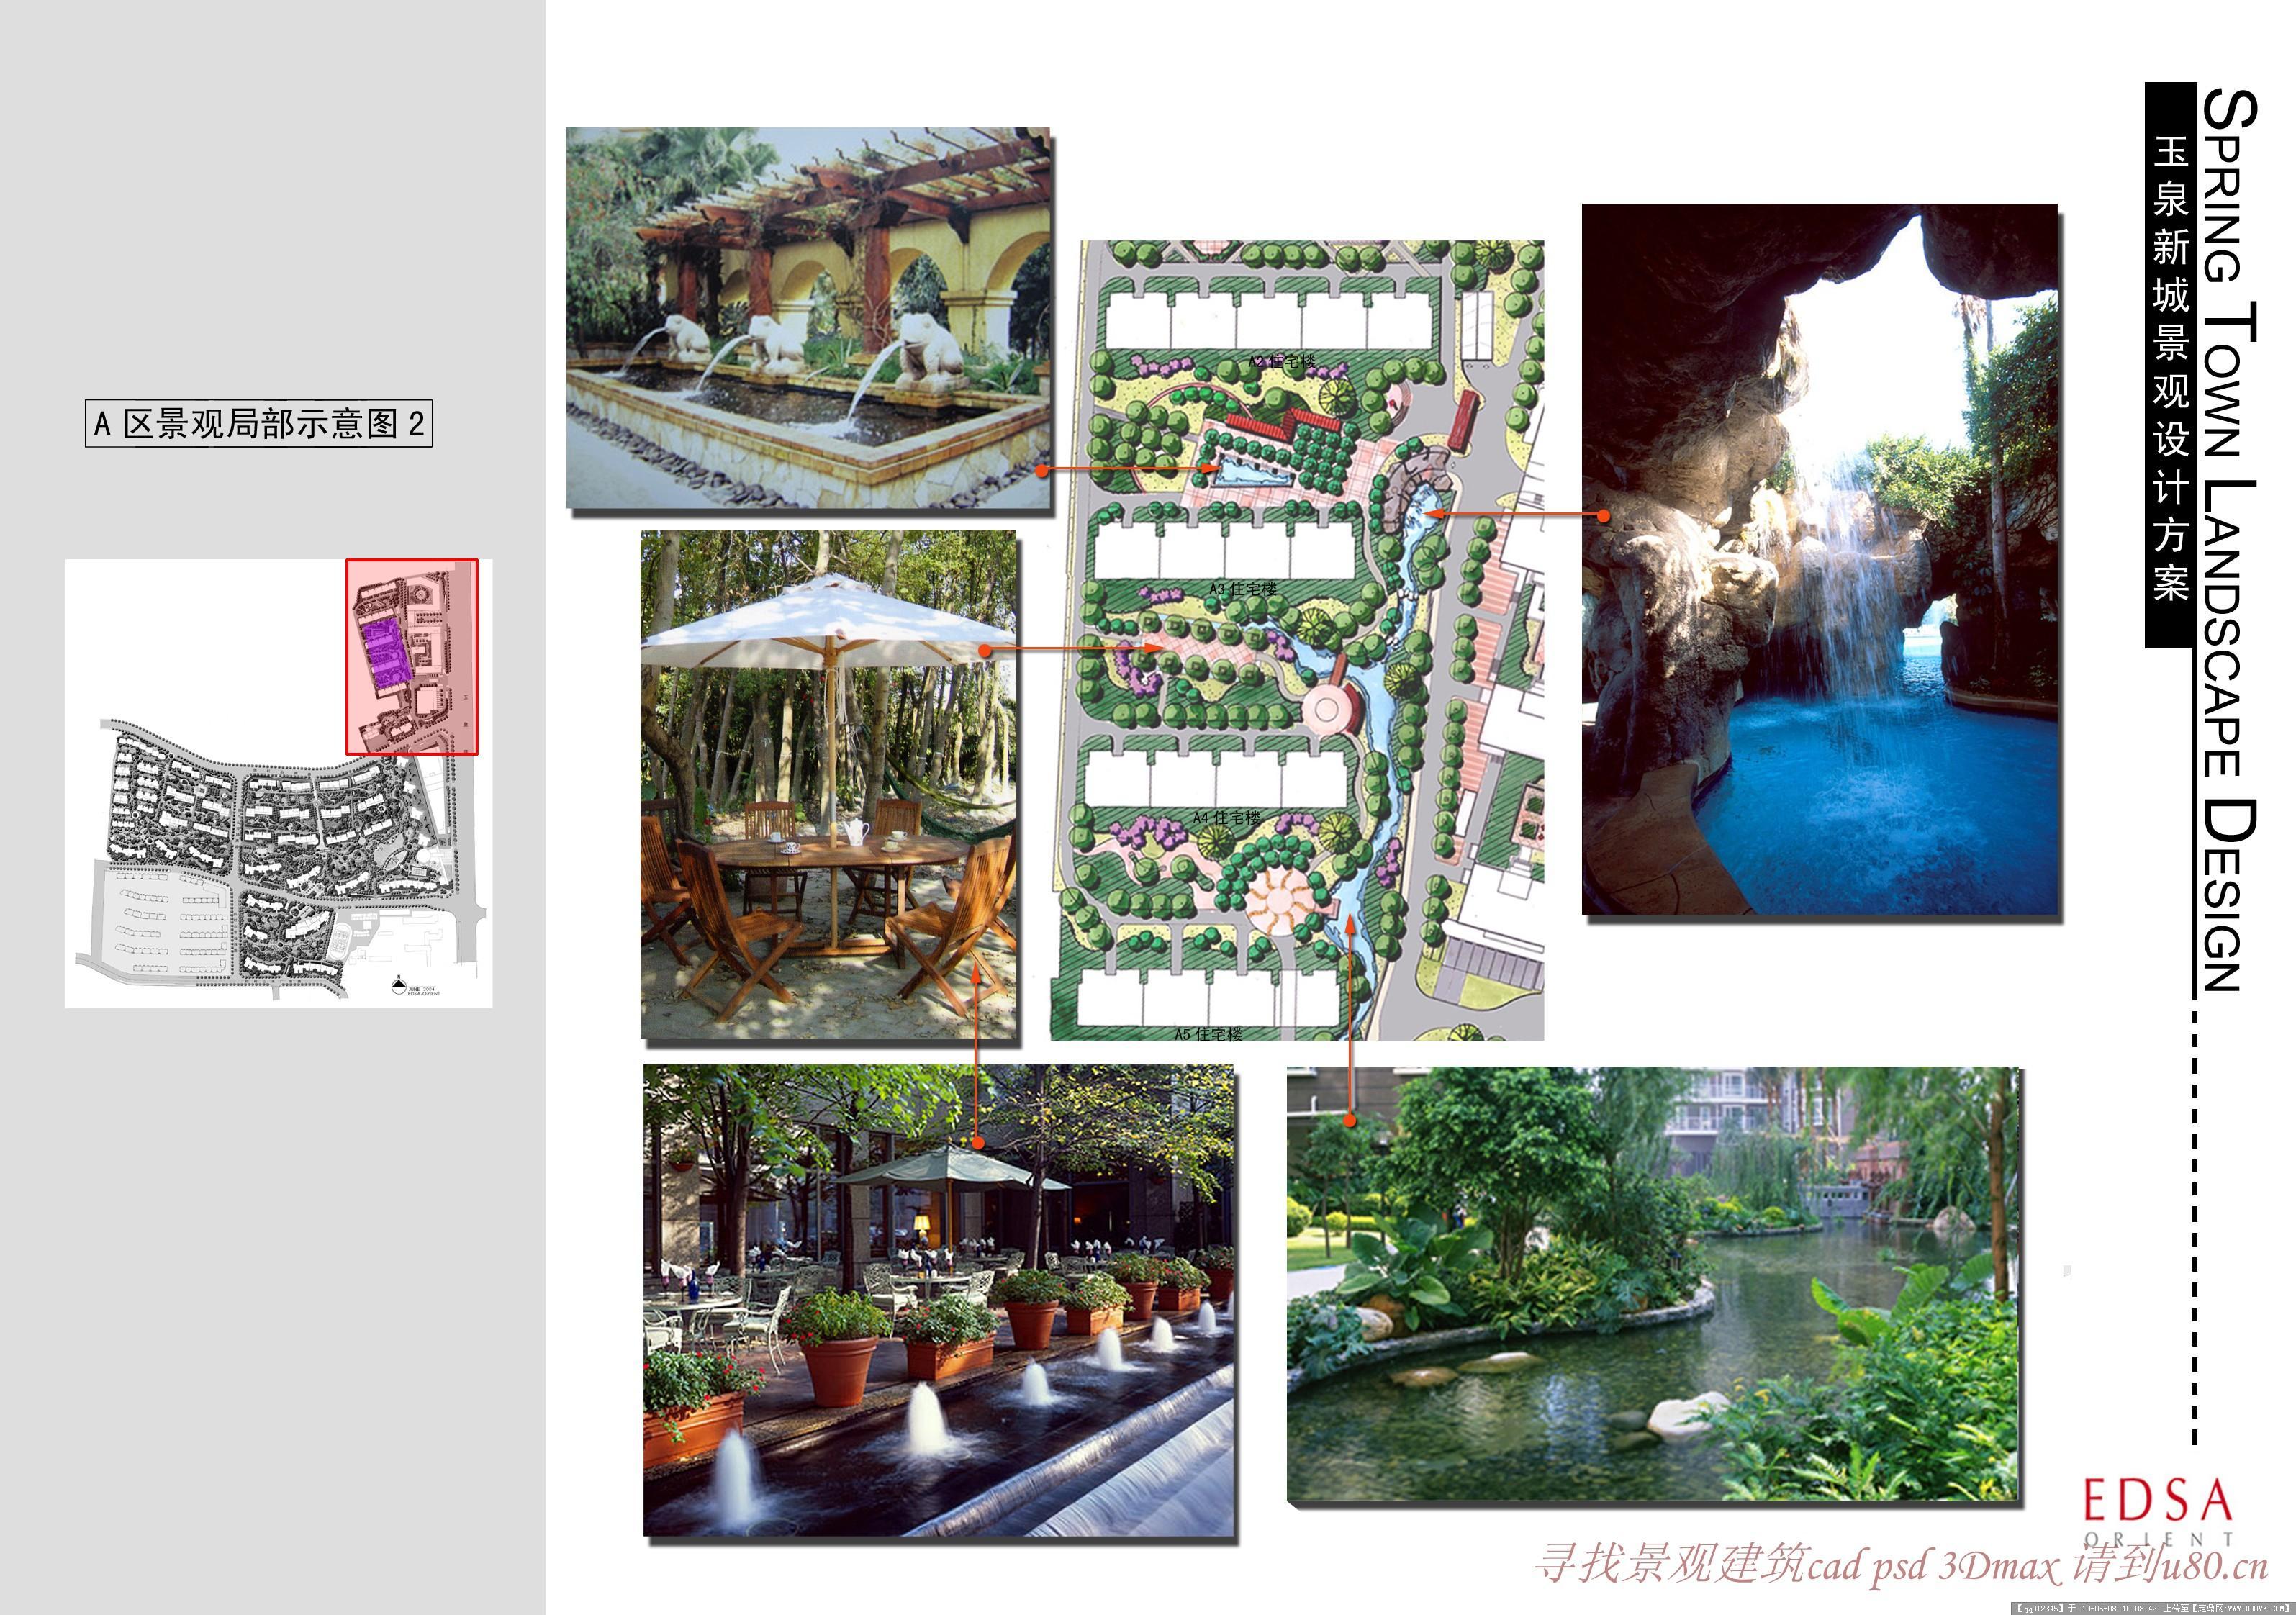 玉玲居住区景观设计方案文本